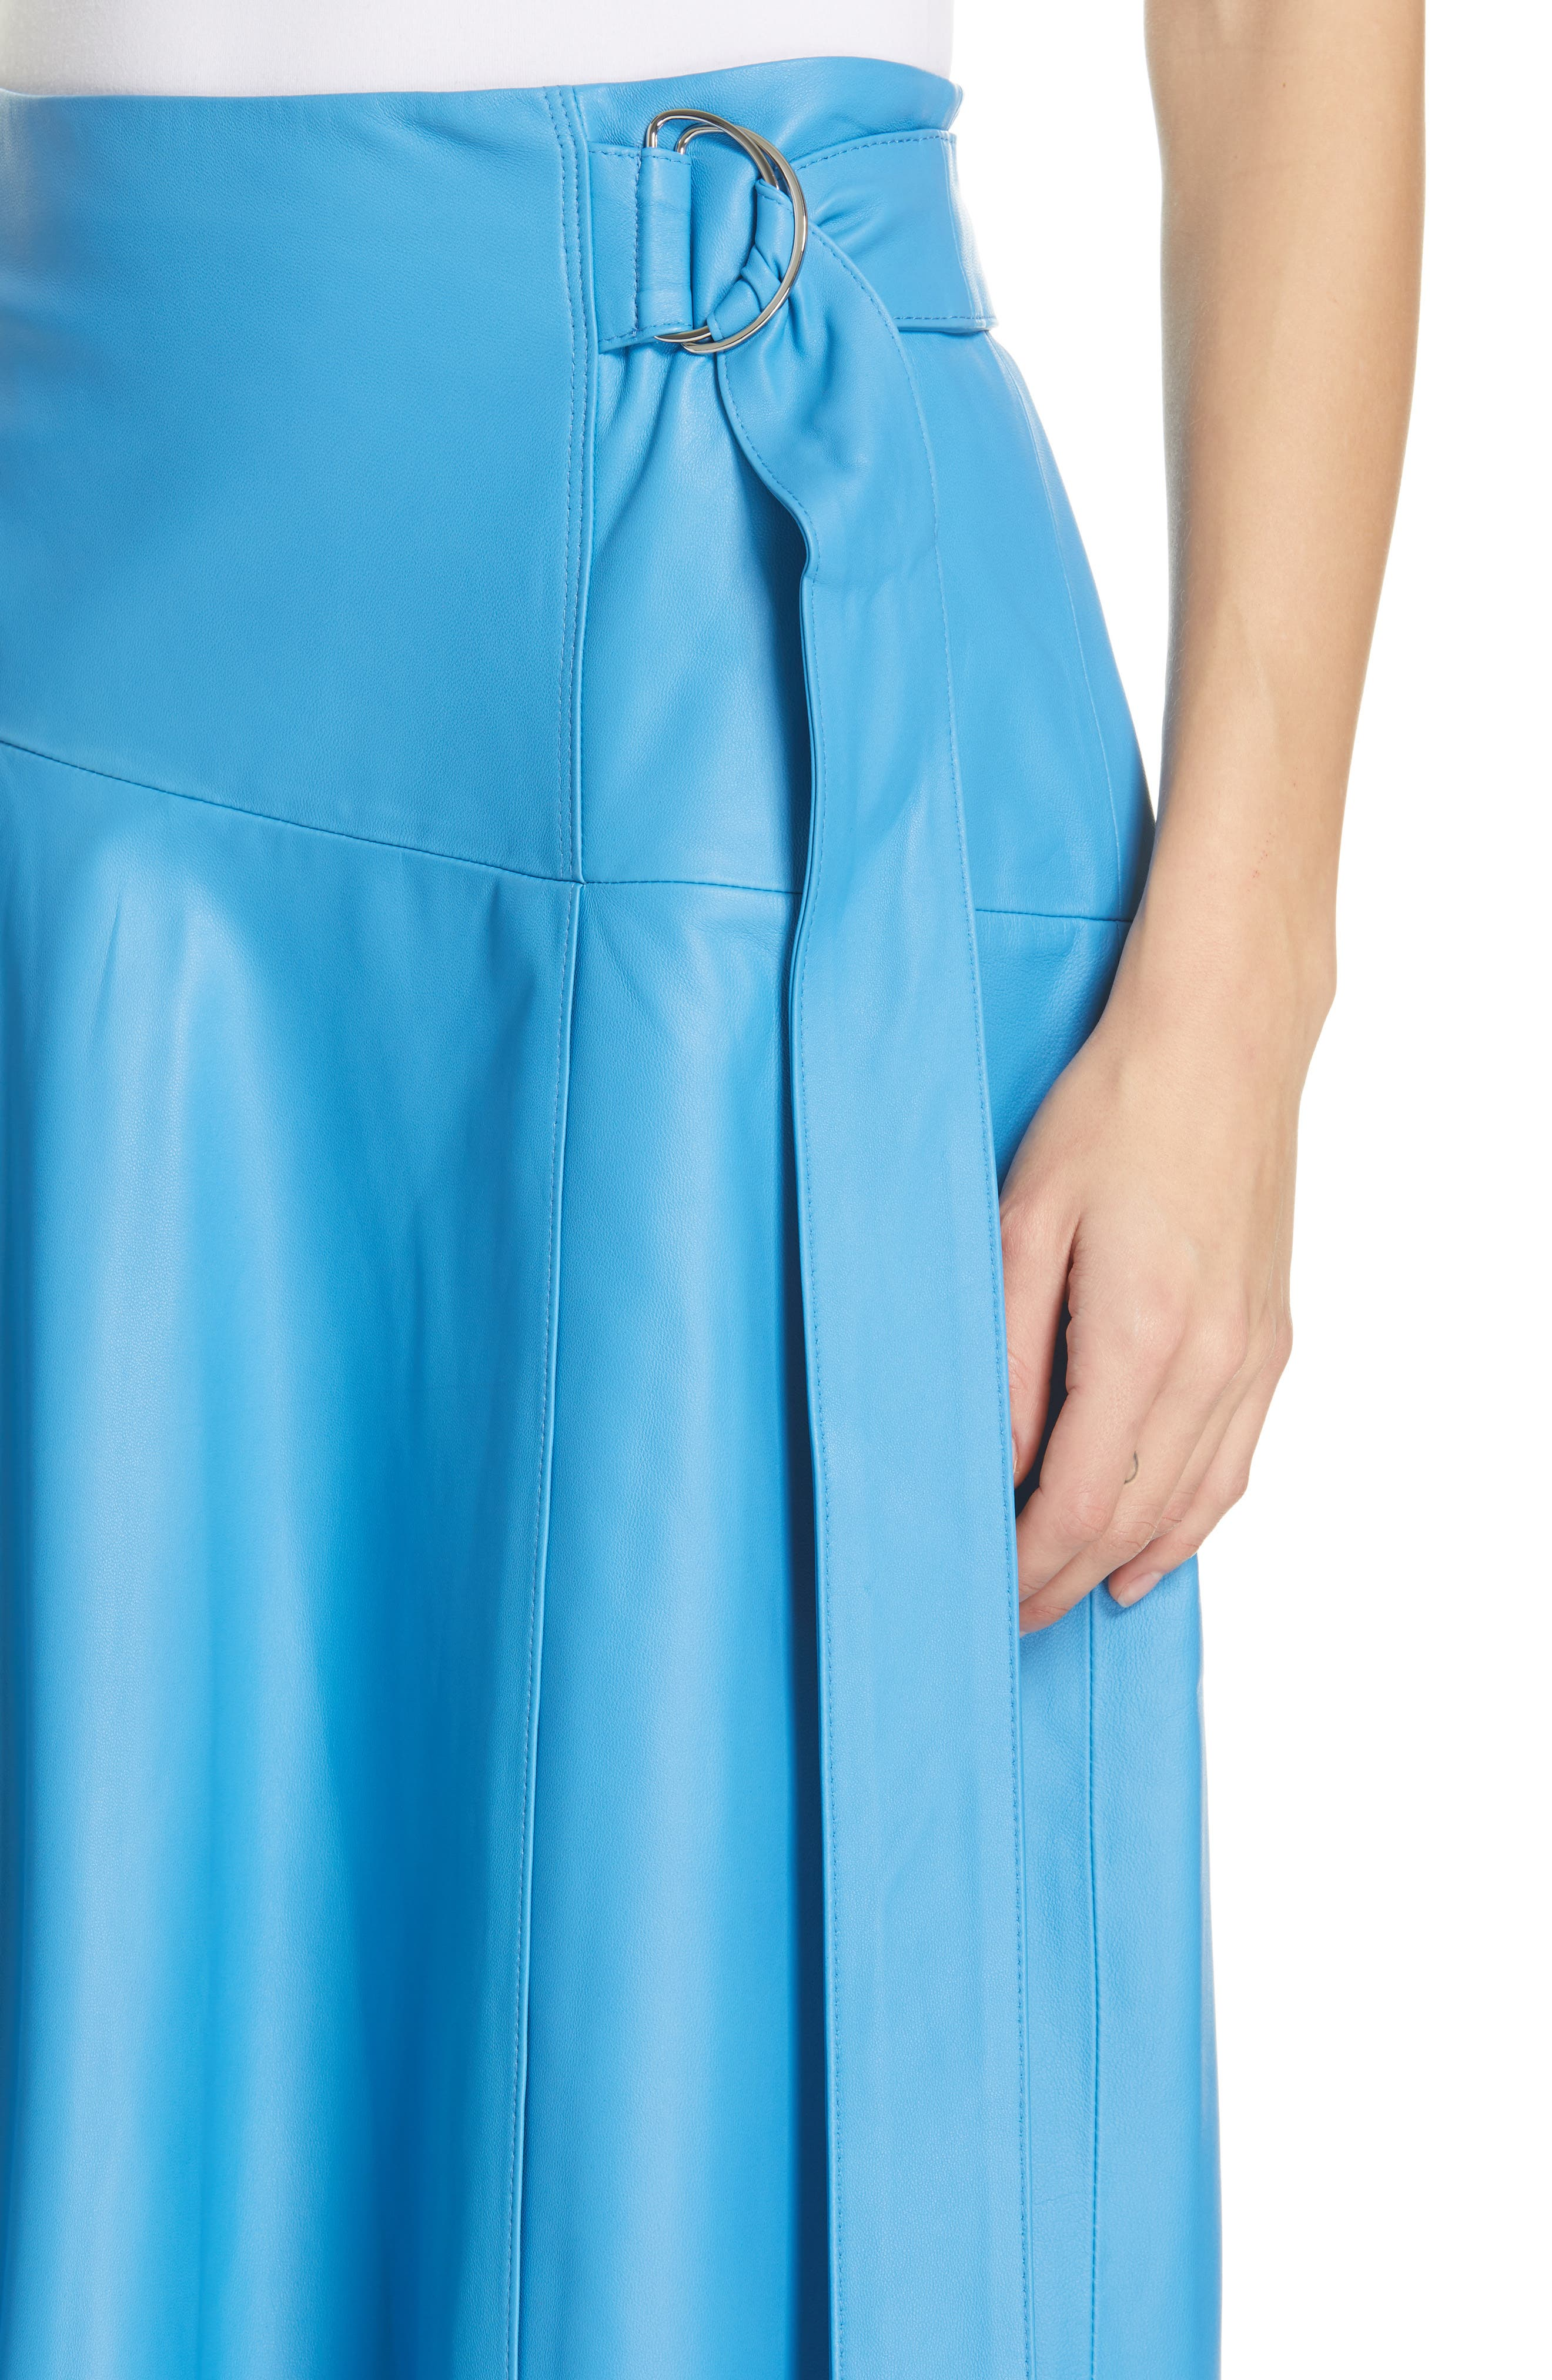 TIBI,                             Asymmetrical Drape Tissue Leather Skirt,                             Alternate thumbnail 4, color,                             OCEAN BLUE